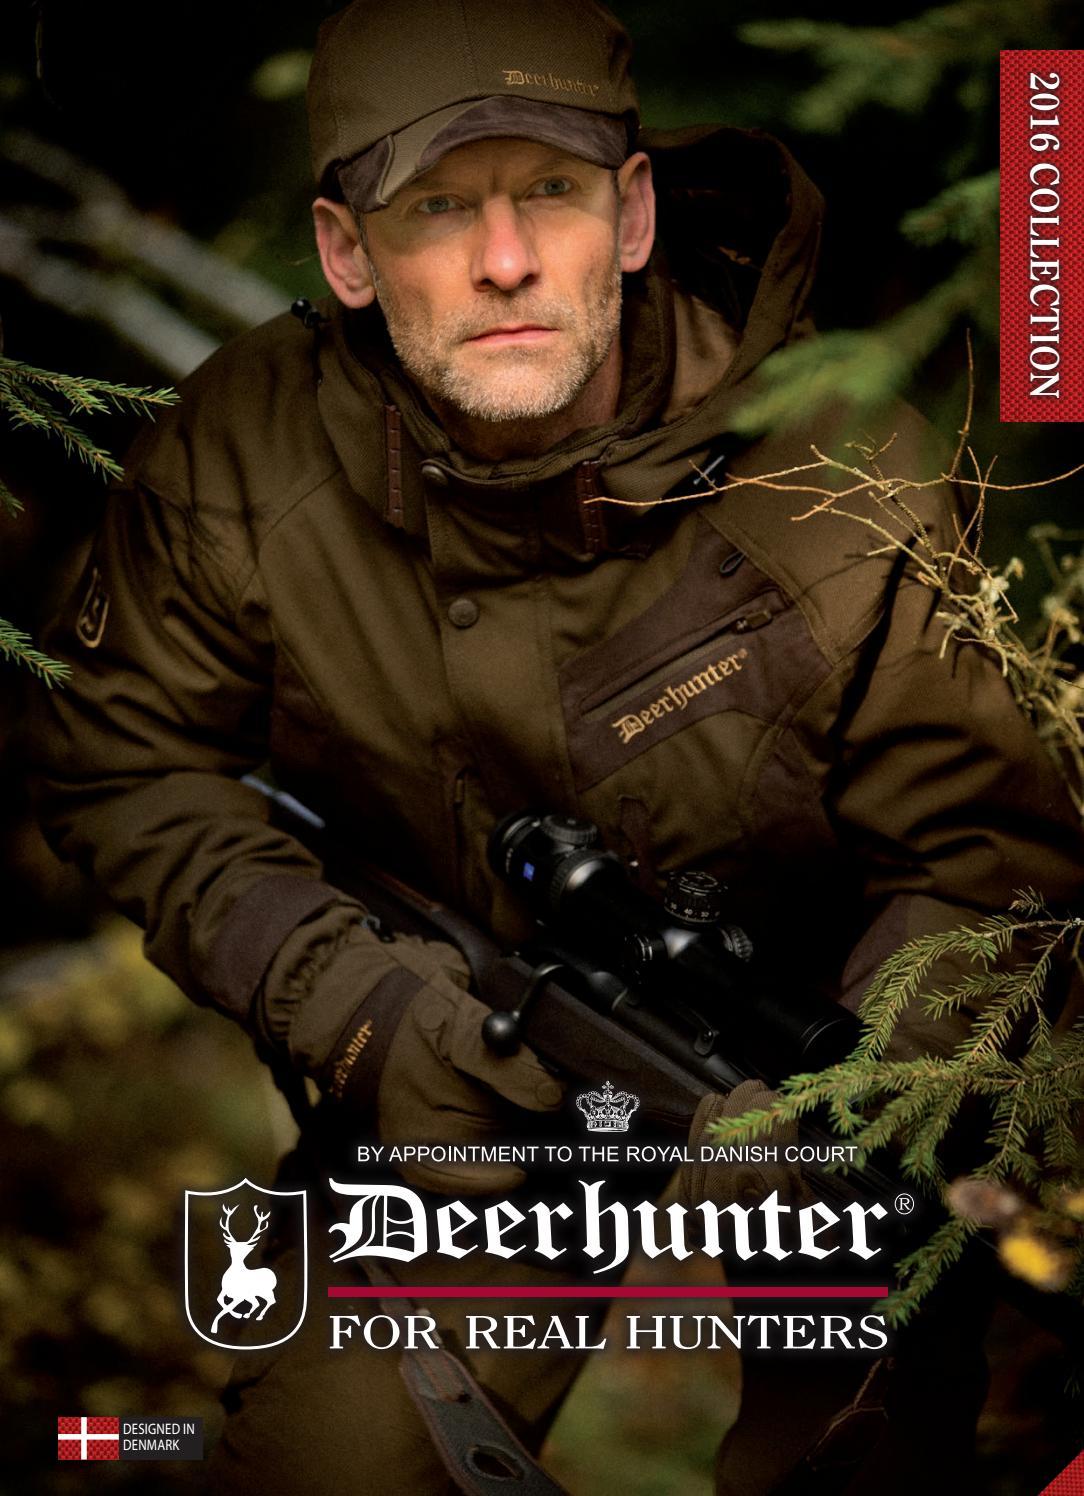 Realtree Max 5 Camo Gr XL Jagd Deerhunter 8819 Muflon Winter Handschuhe 95